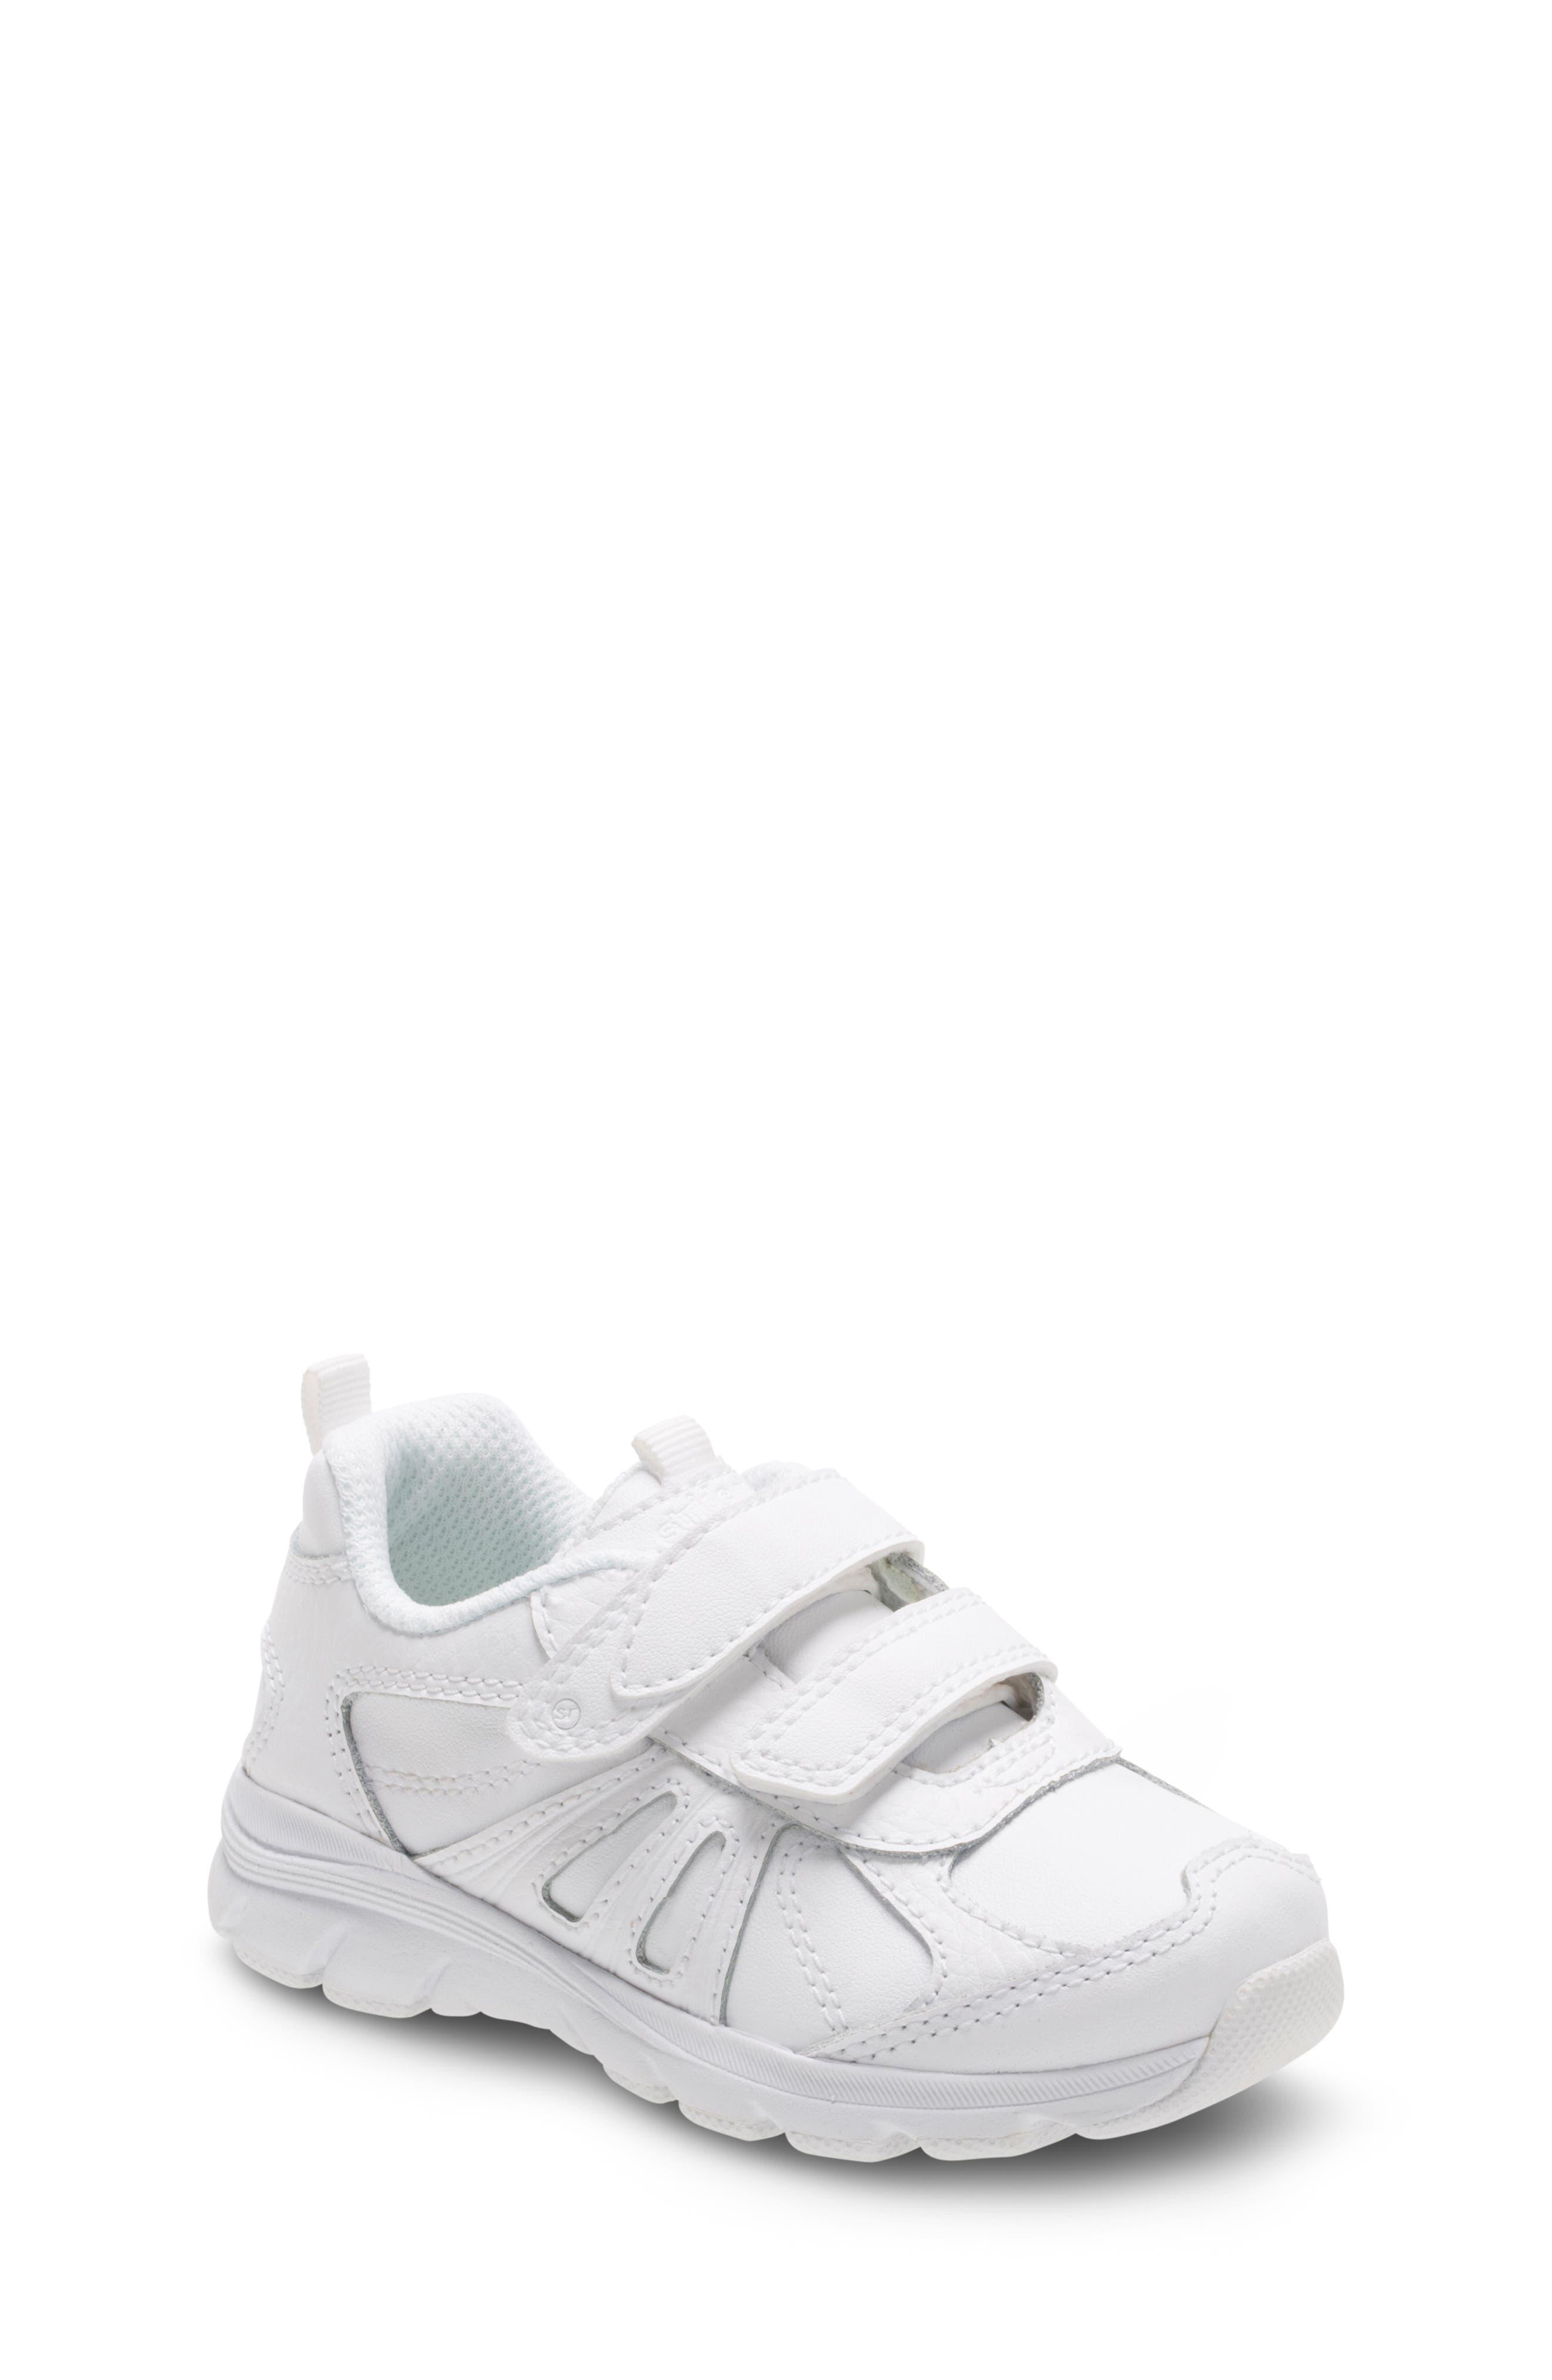 Toddler Stride Rite Cooper 20 Sneaker Size 115 W  White